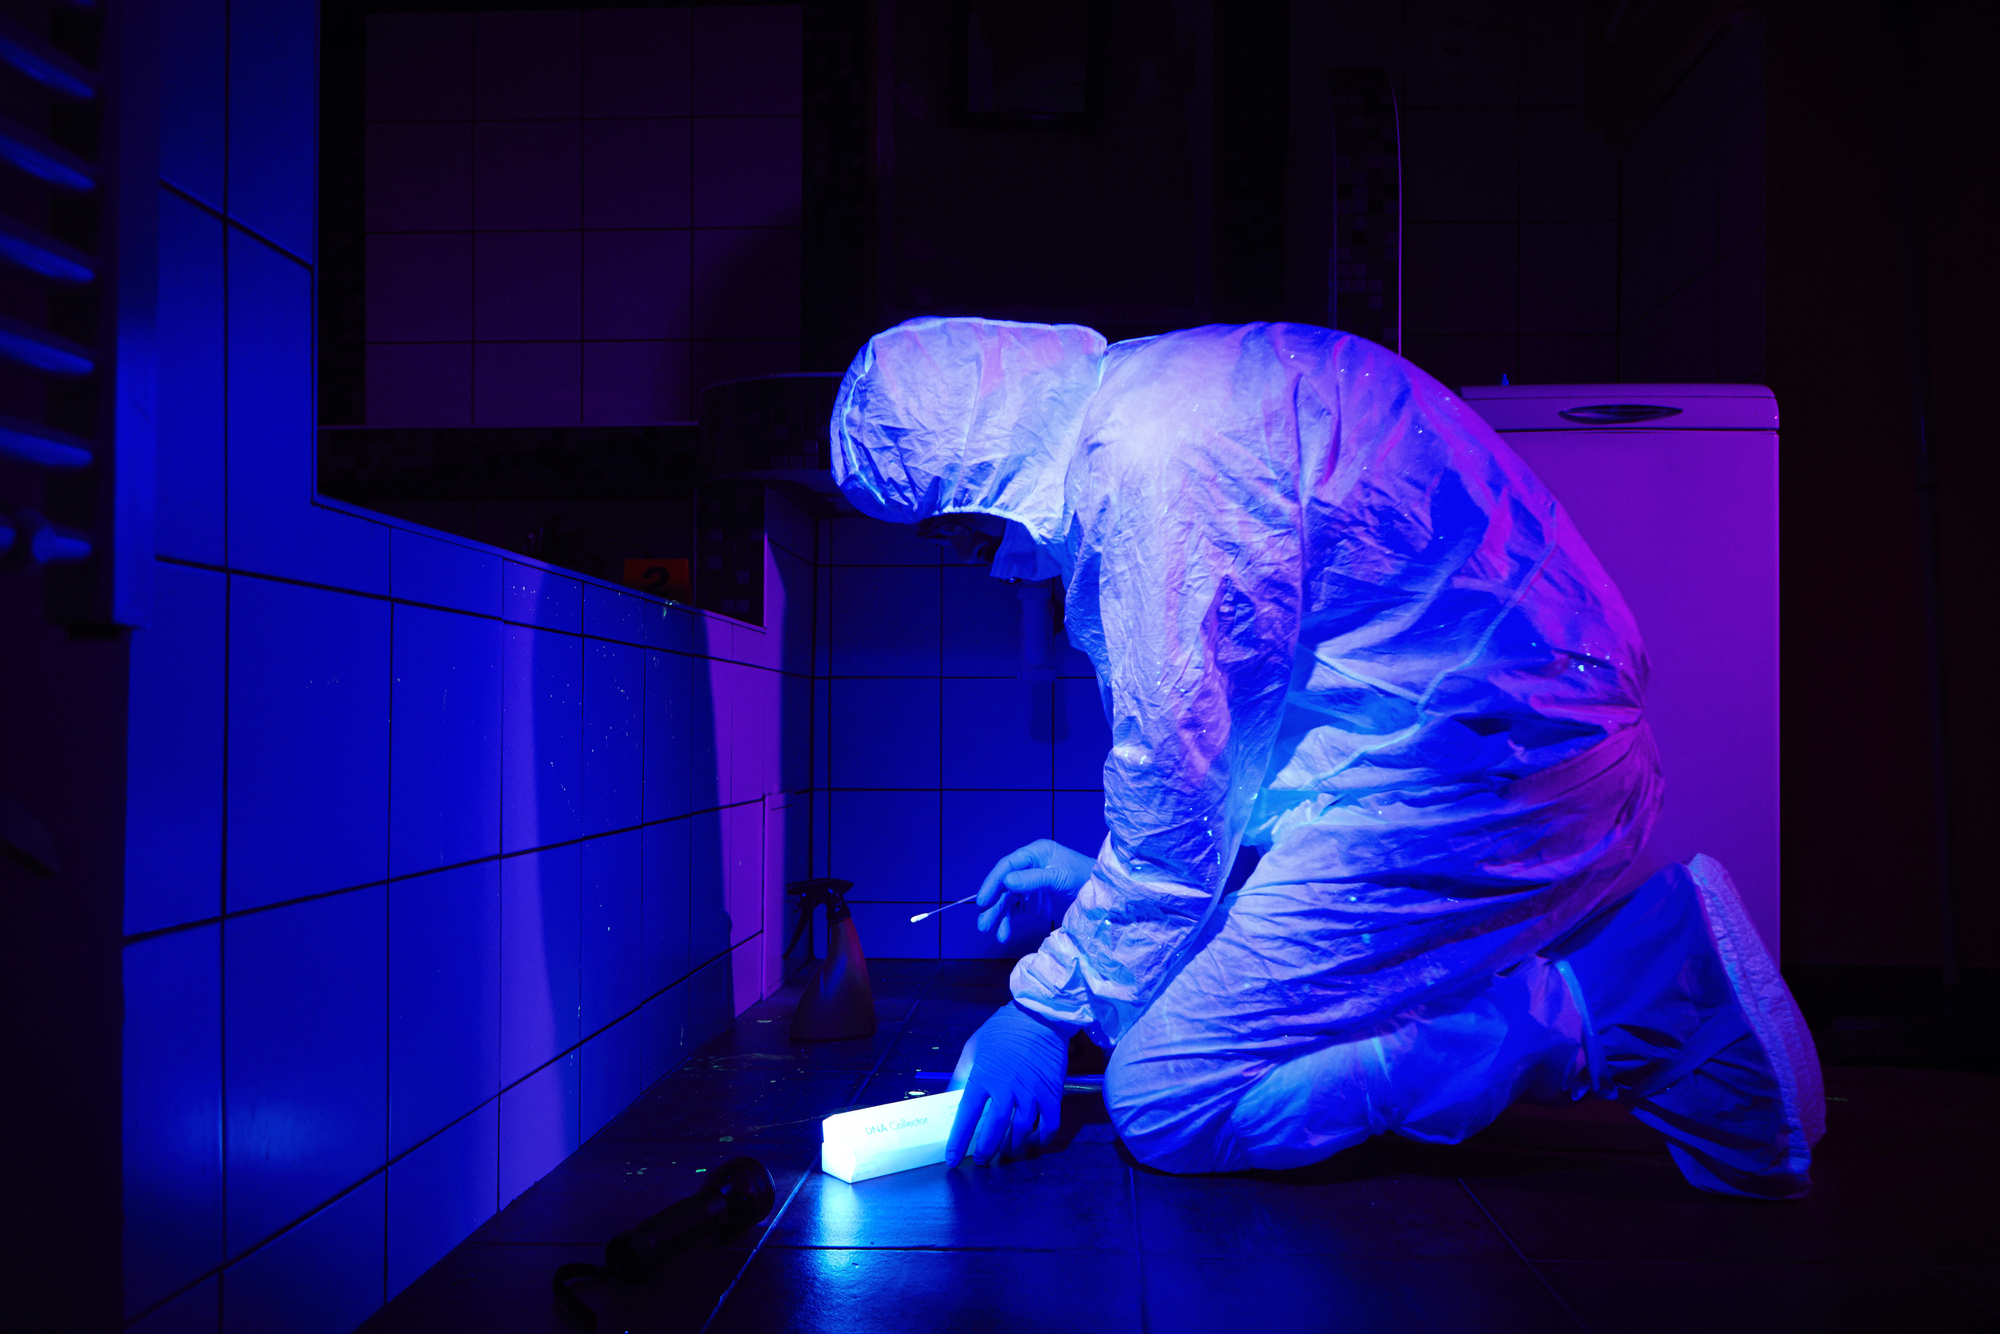 """Сбор образцов <abbr lang=""""ru"""" title=""""Дезоксирибонуклеиновая кислота"""">ДНК</abbr> наместе преступления."""